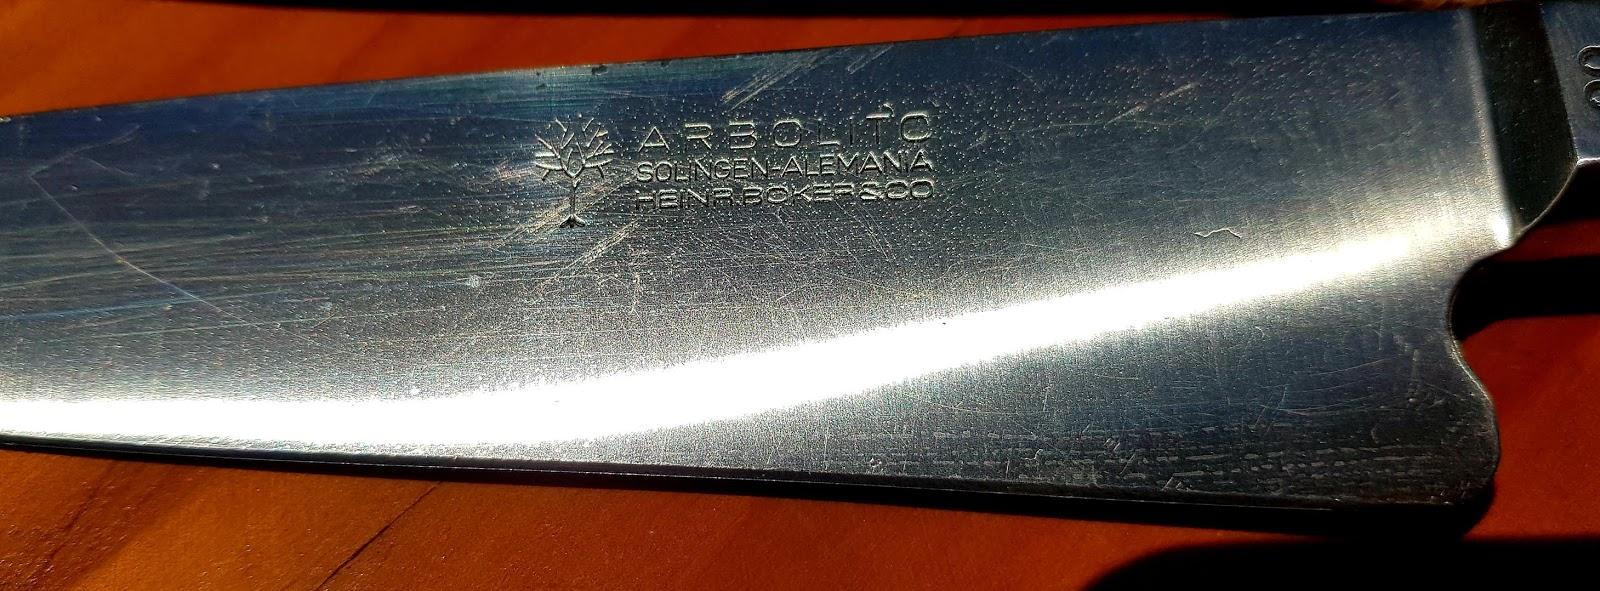 Knife Arbolito type criollo